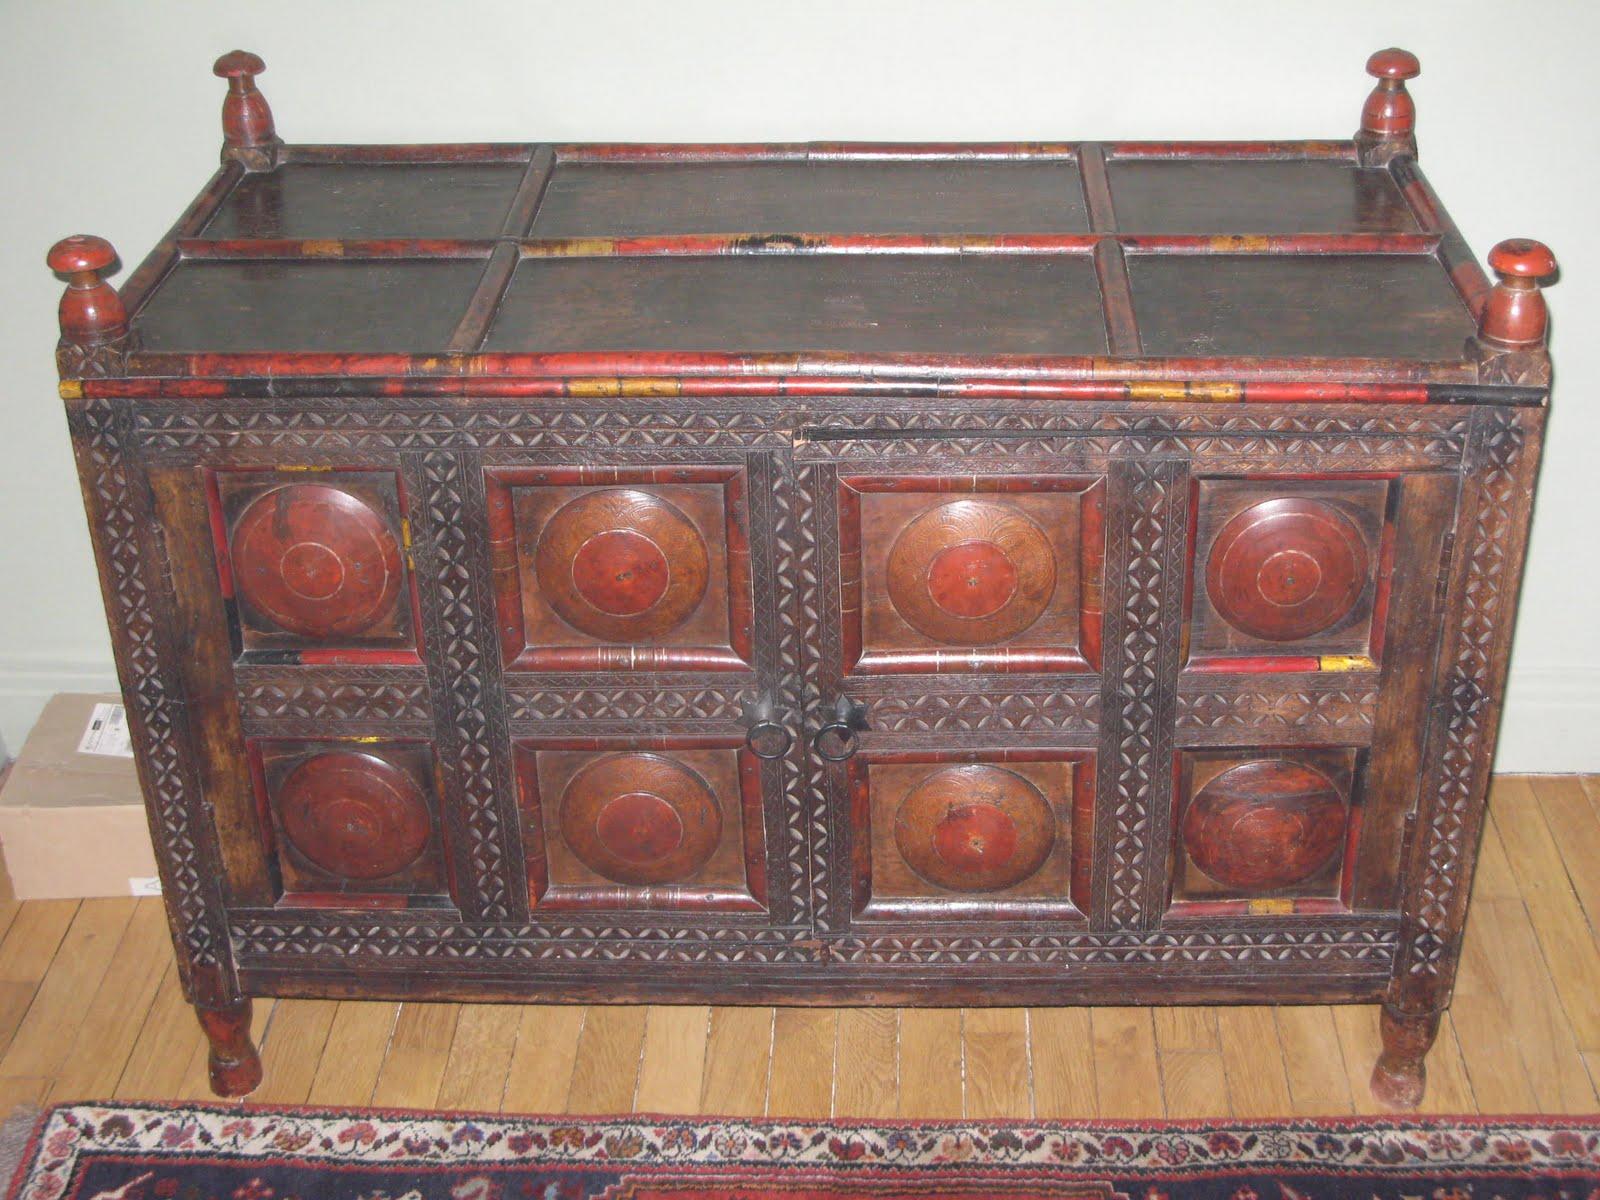 tout un appartement vider mobilier vaisselle d coration bonnes occasions commode afghane. Black Bedroom Furniture Sets. Home Design Ideas